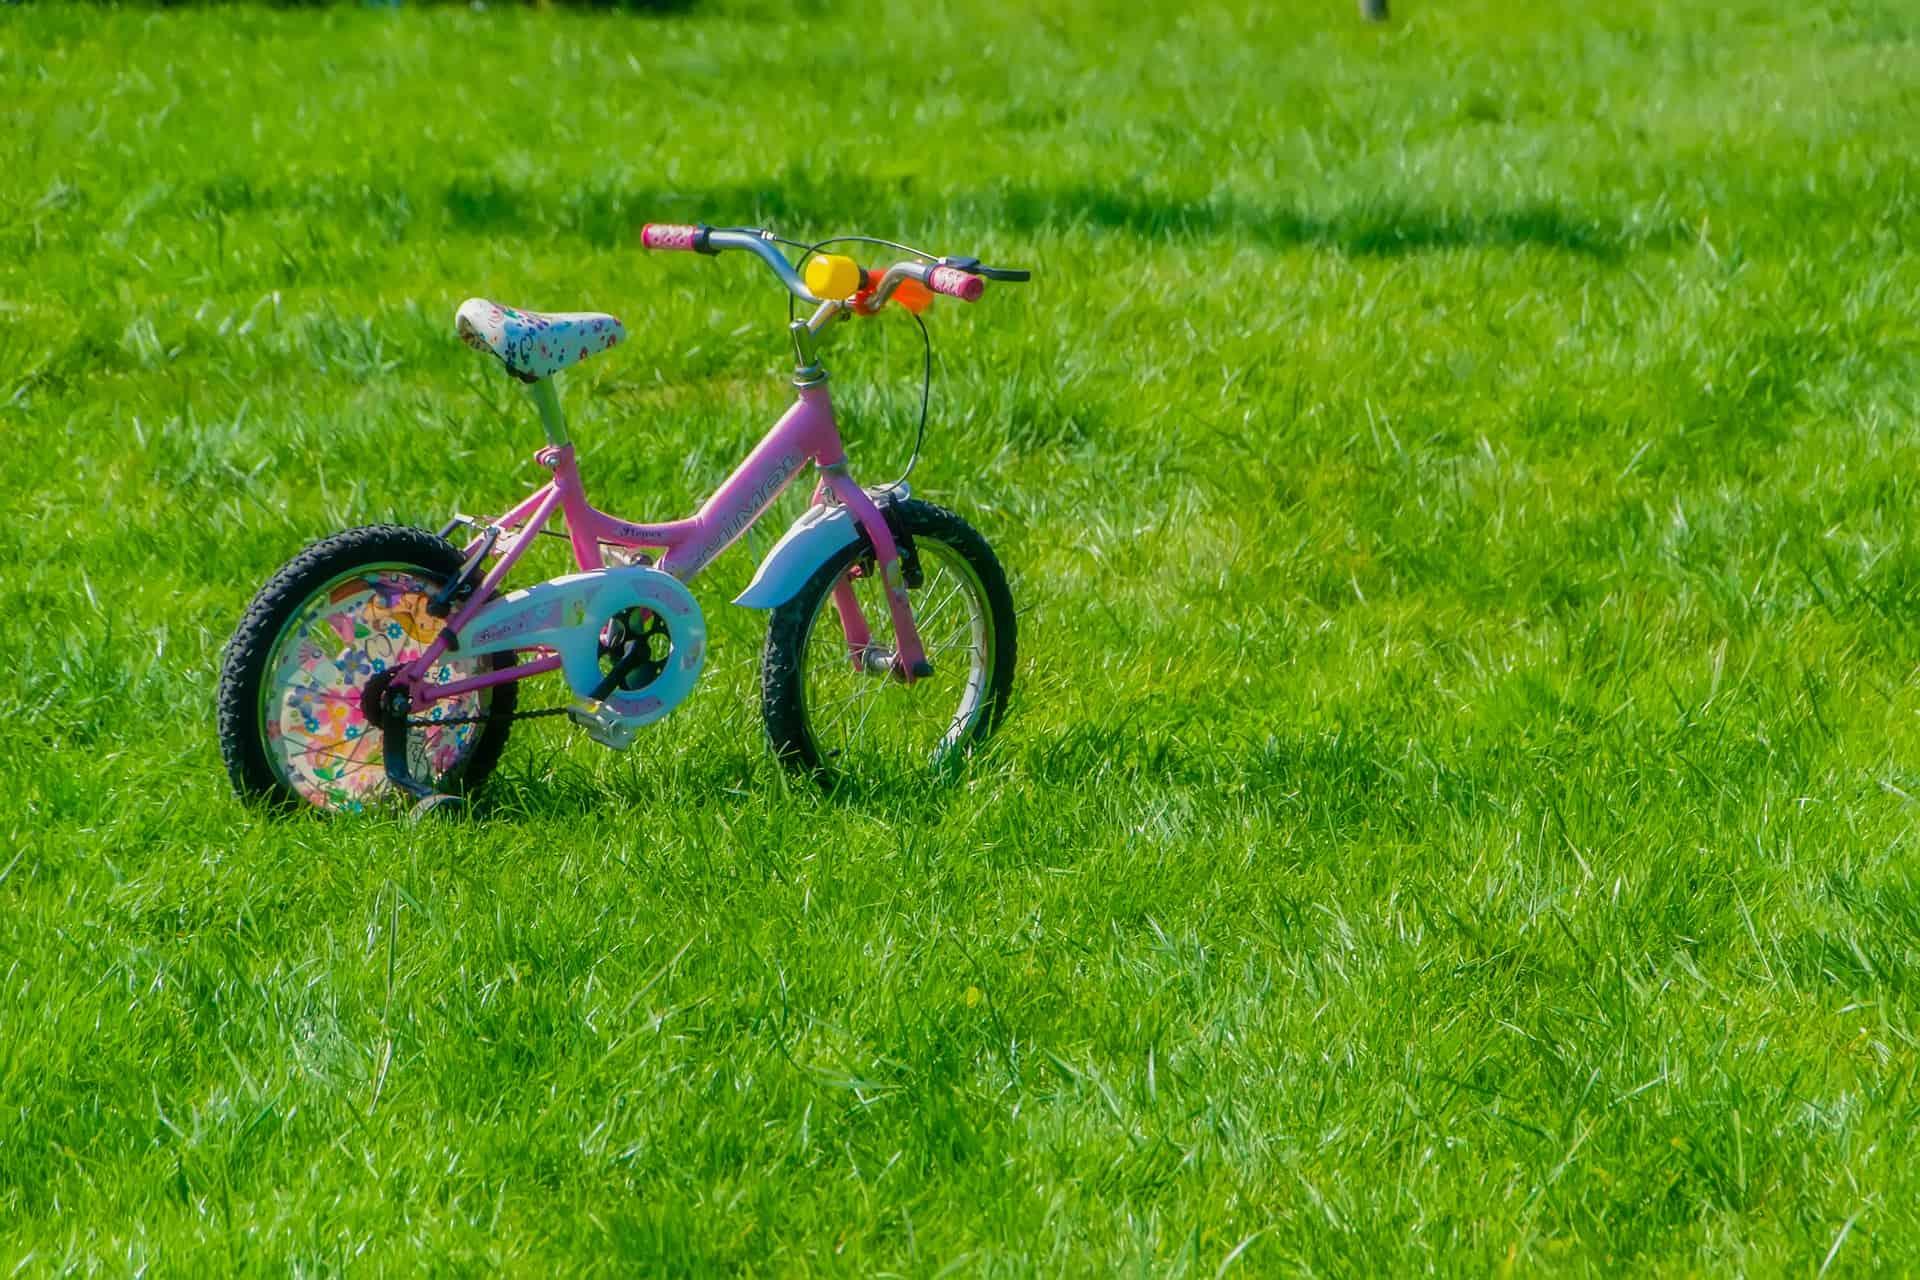 Bicicleta aro 14: Como escolher a melhor para seus filhos em 2020?